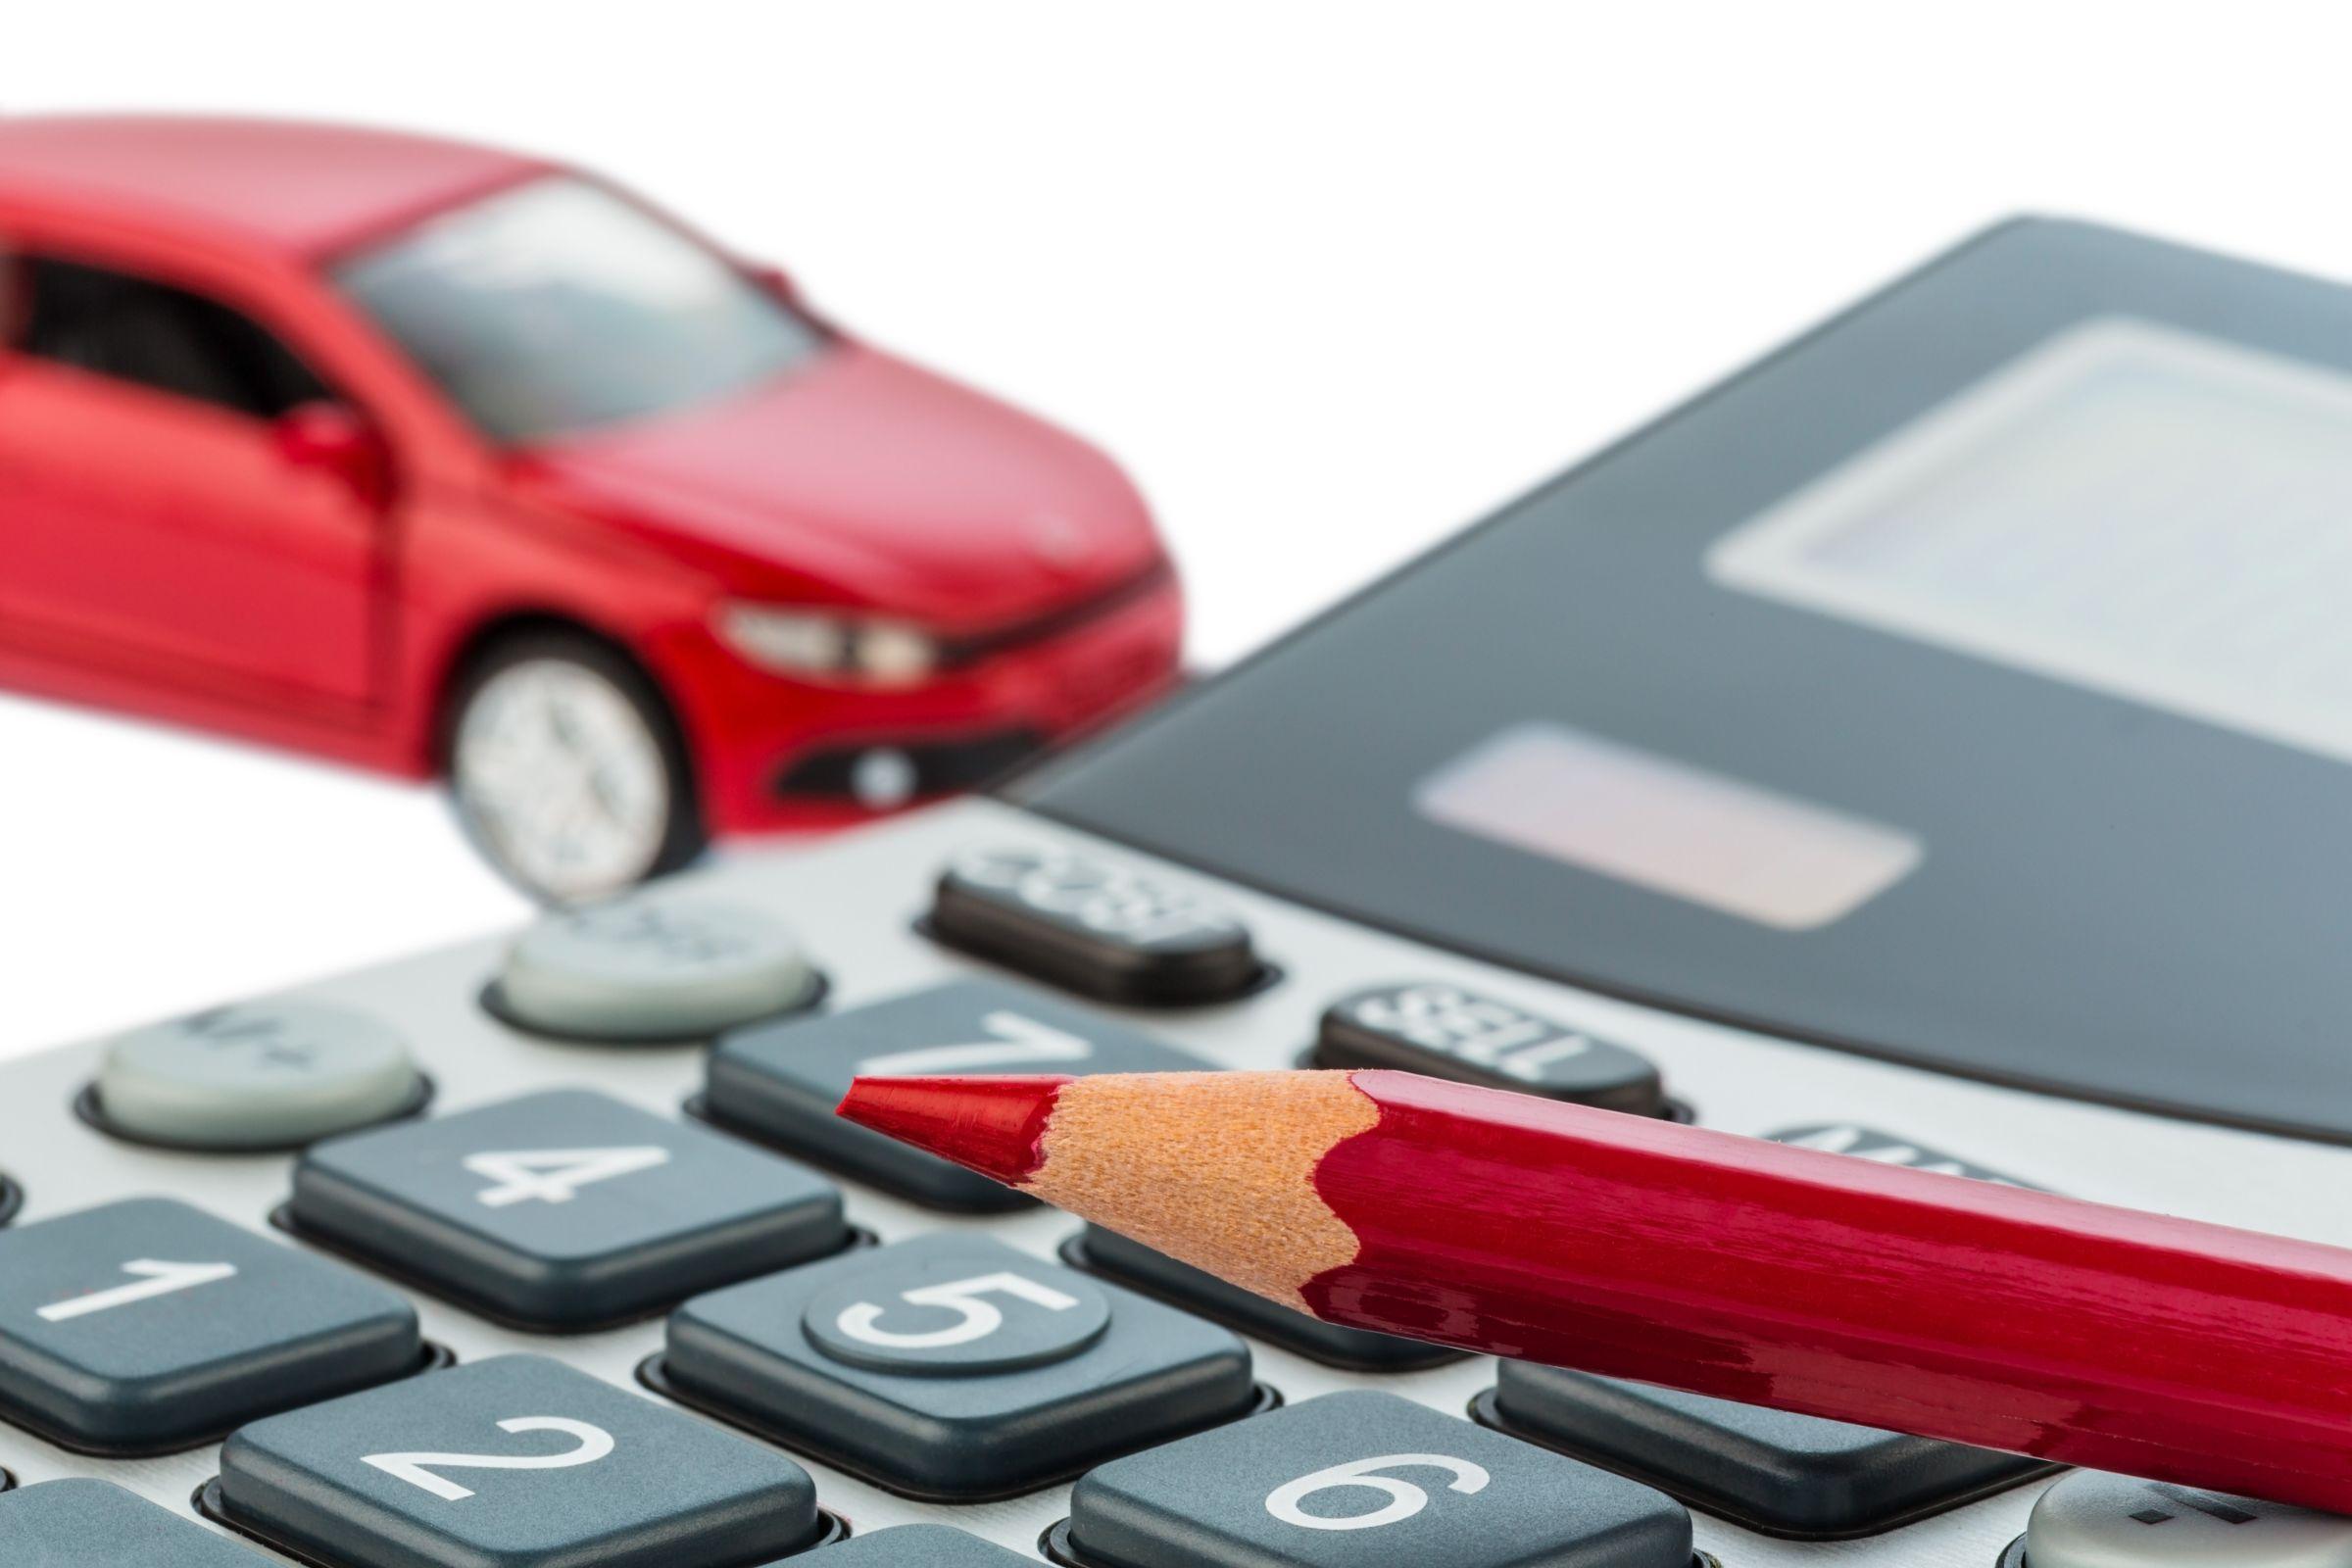 imposto-seguro-conta-taxas-barato-caro-desconto-2 Você conhece as novas regras de seguro de carros prometem facilitar a vida do motorista?